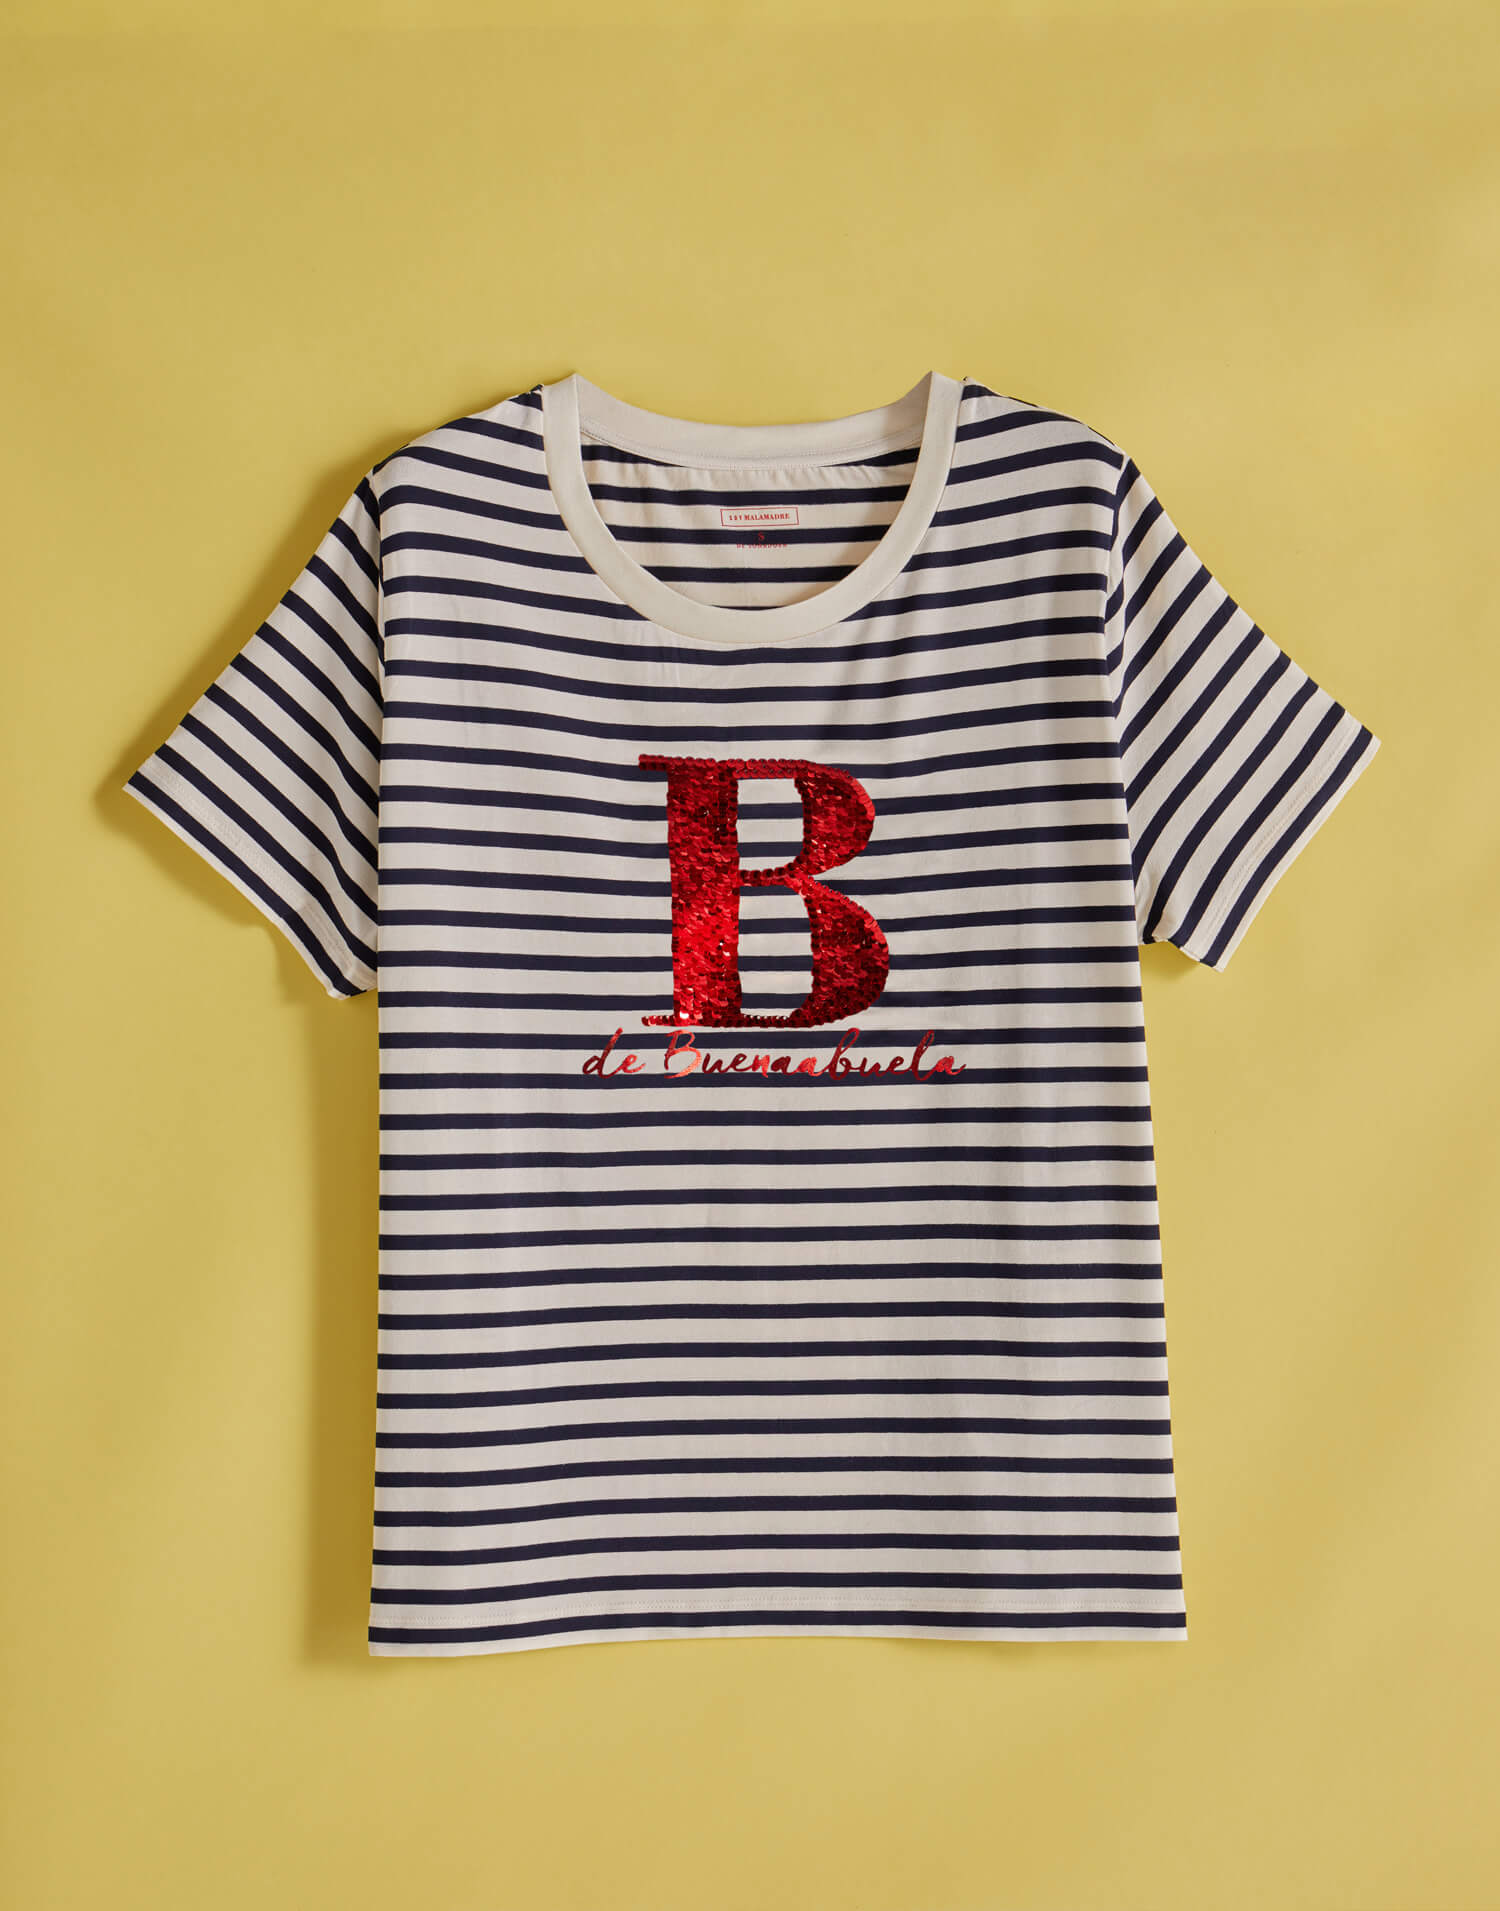 Camiseta mujer - B de Buenaabuela